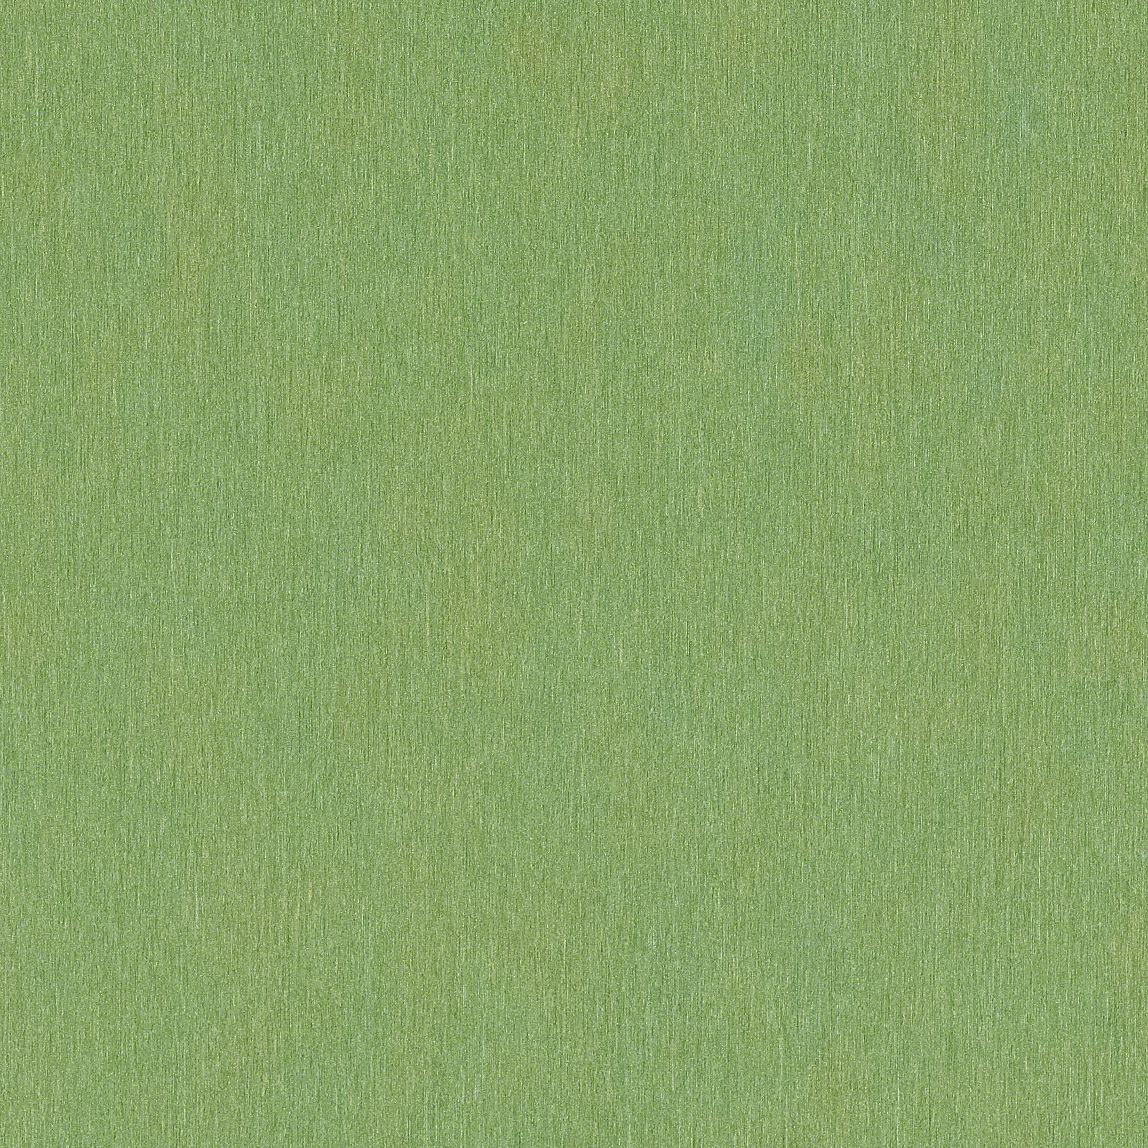 Mica Grass Swatch